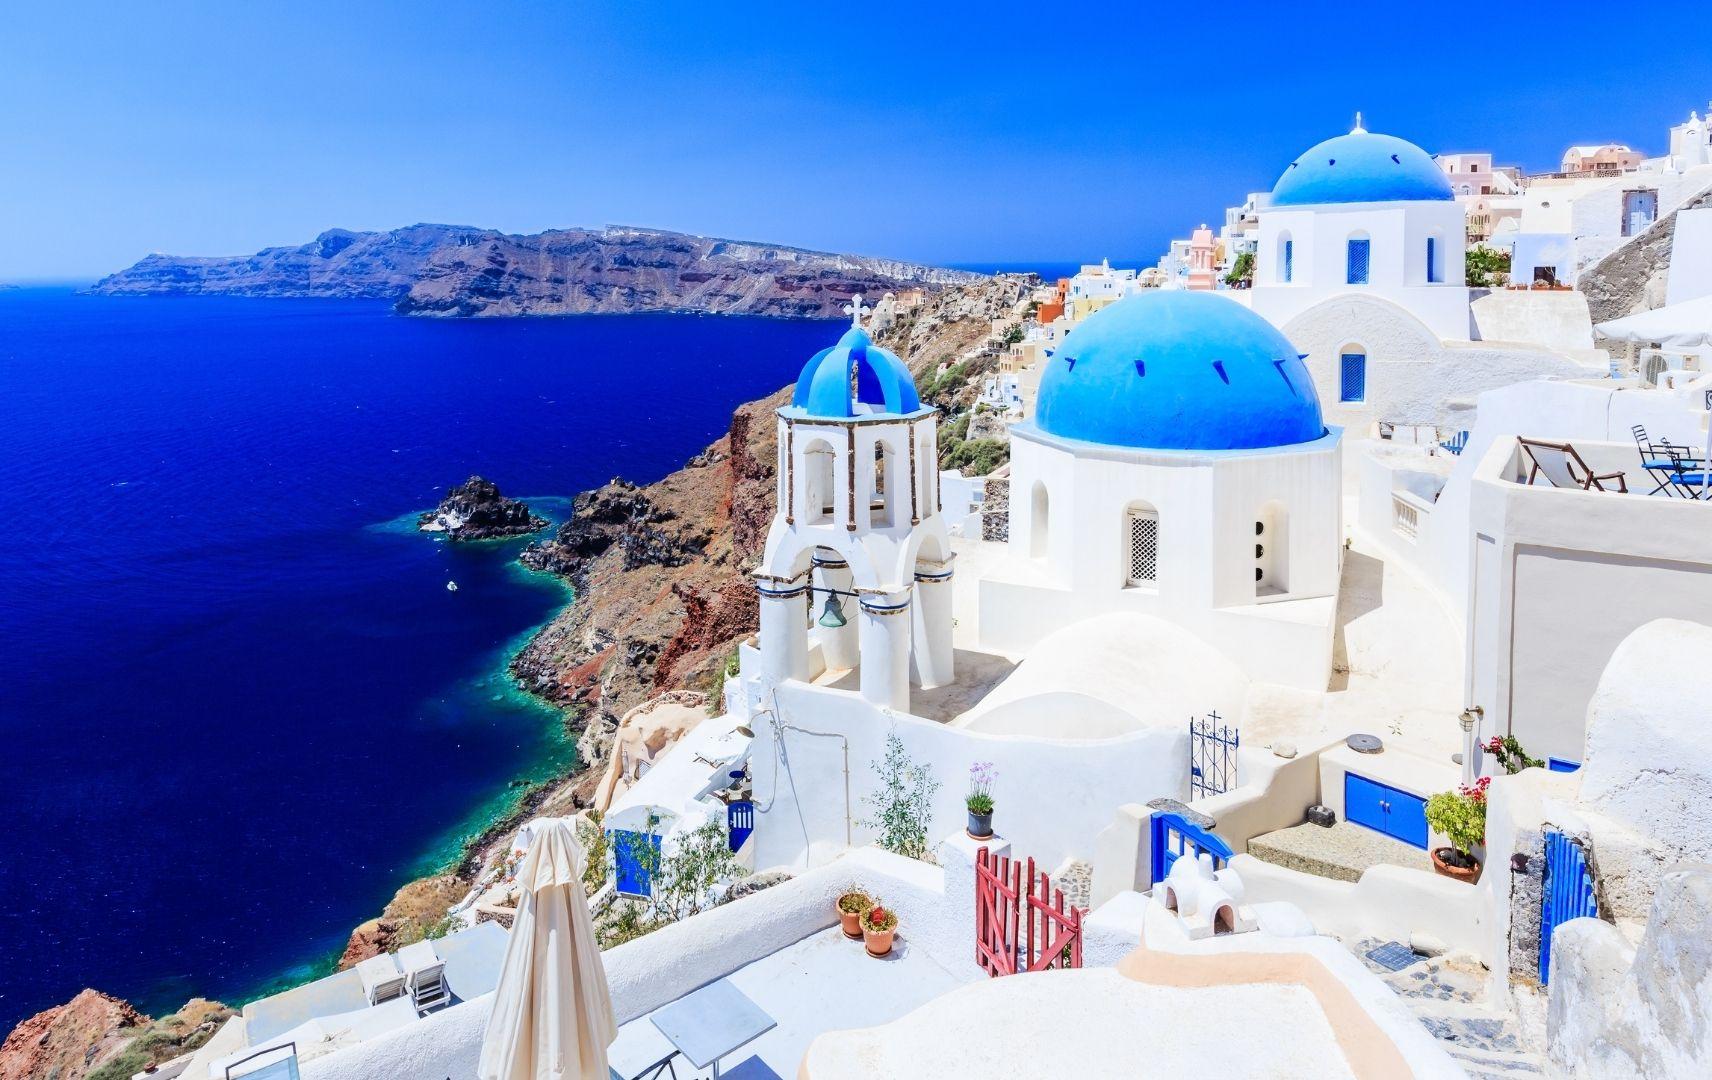 griechisches Dorf am Meer